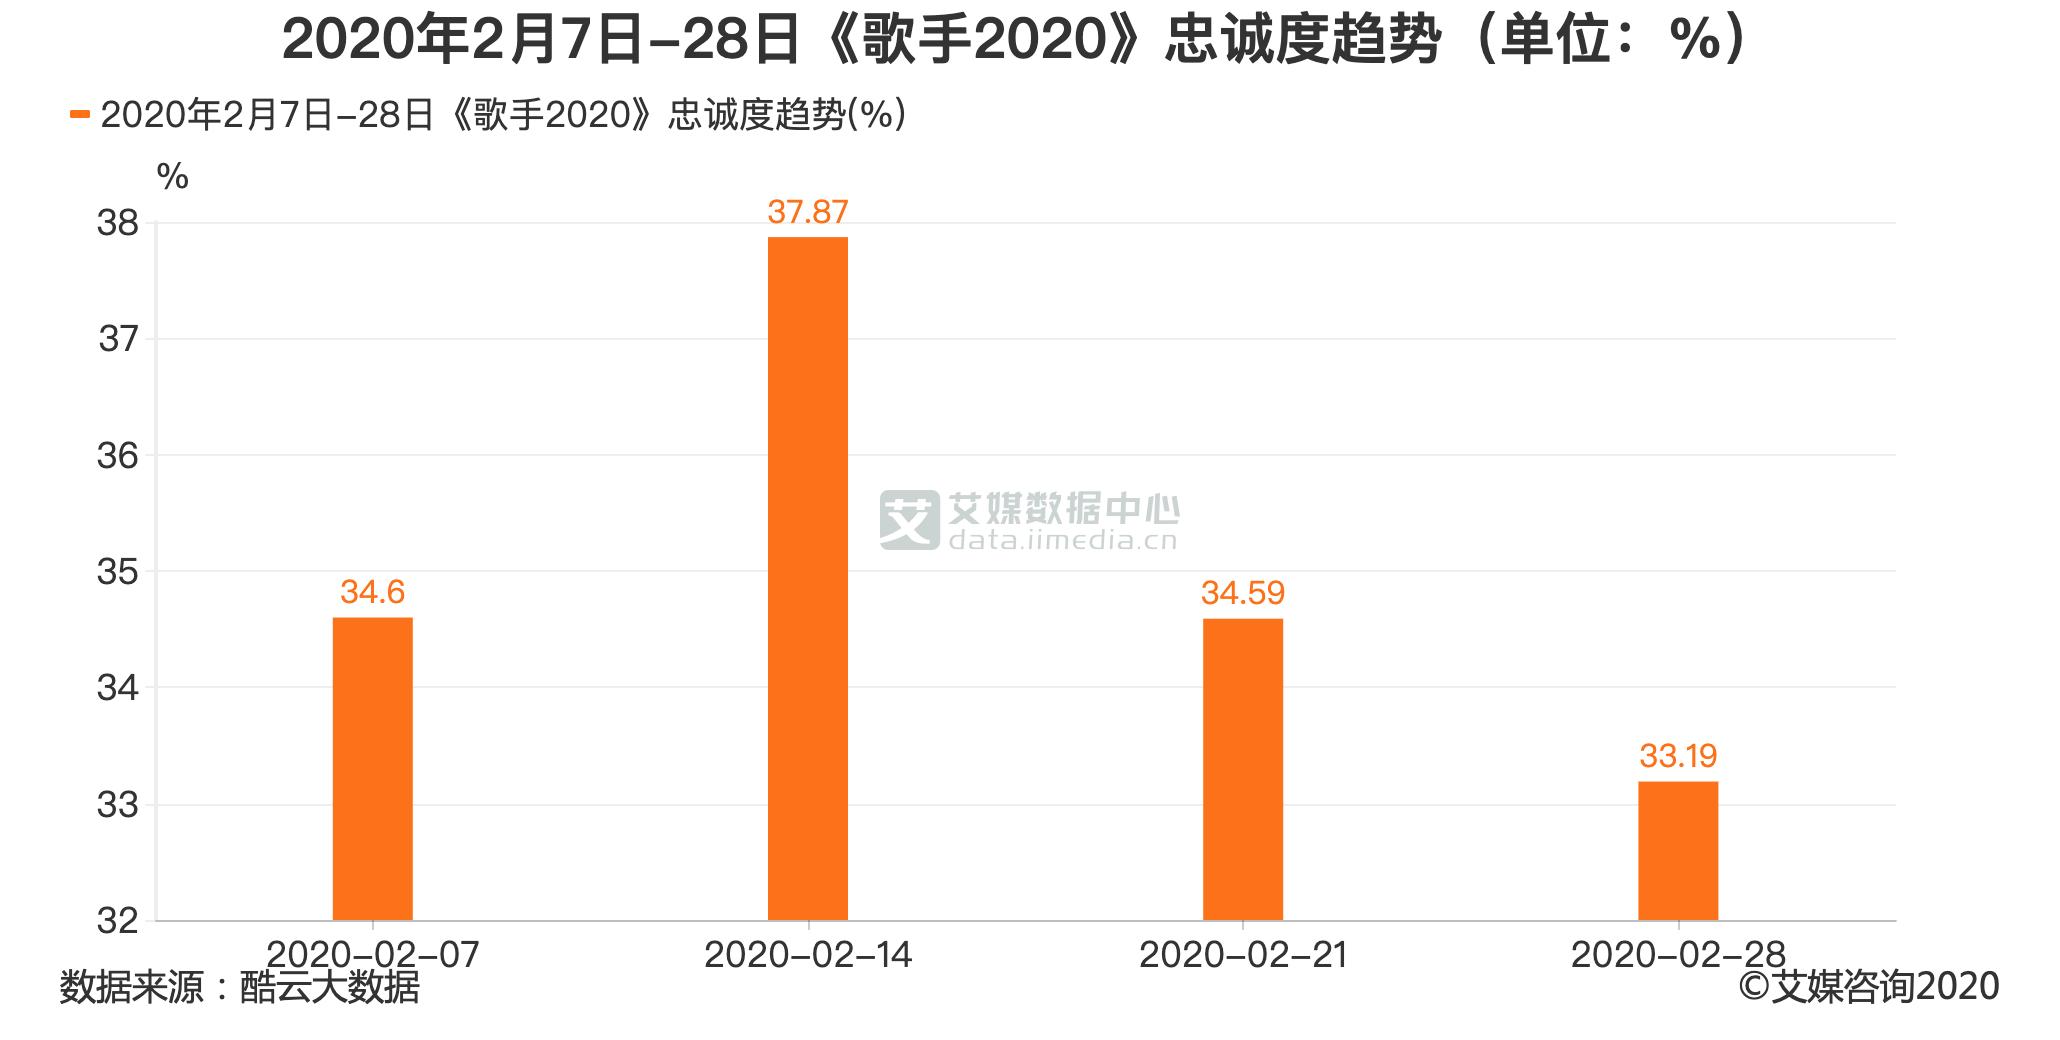 2020年2月7日-28日《歌手2020》忠诚度趋势(单位:%)